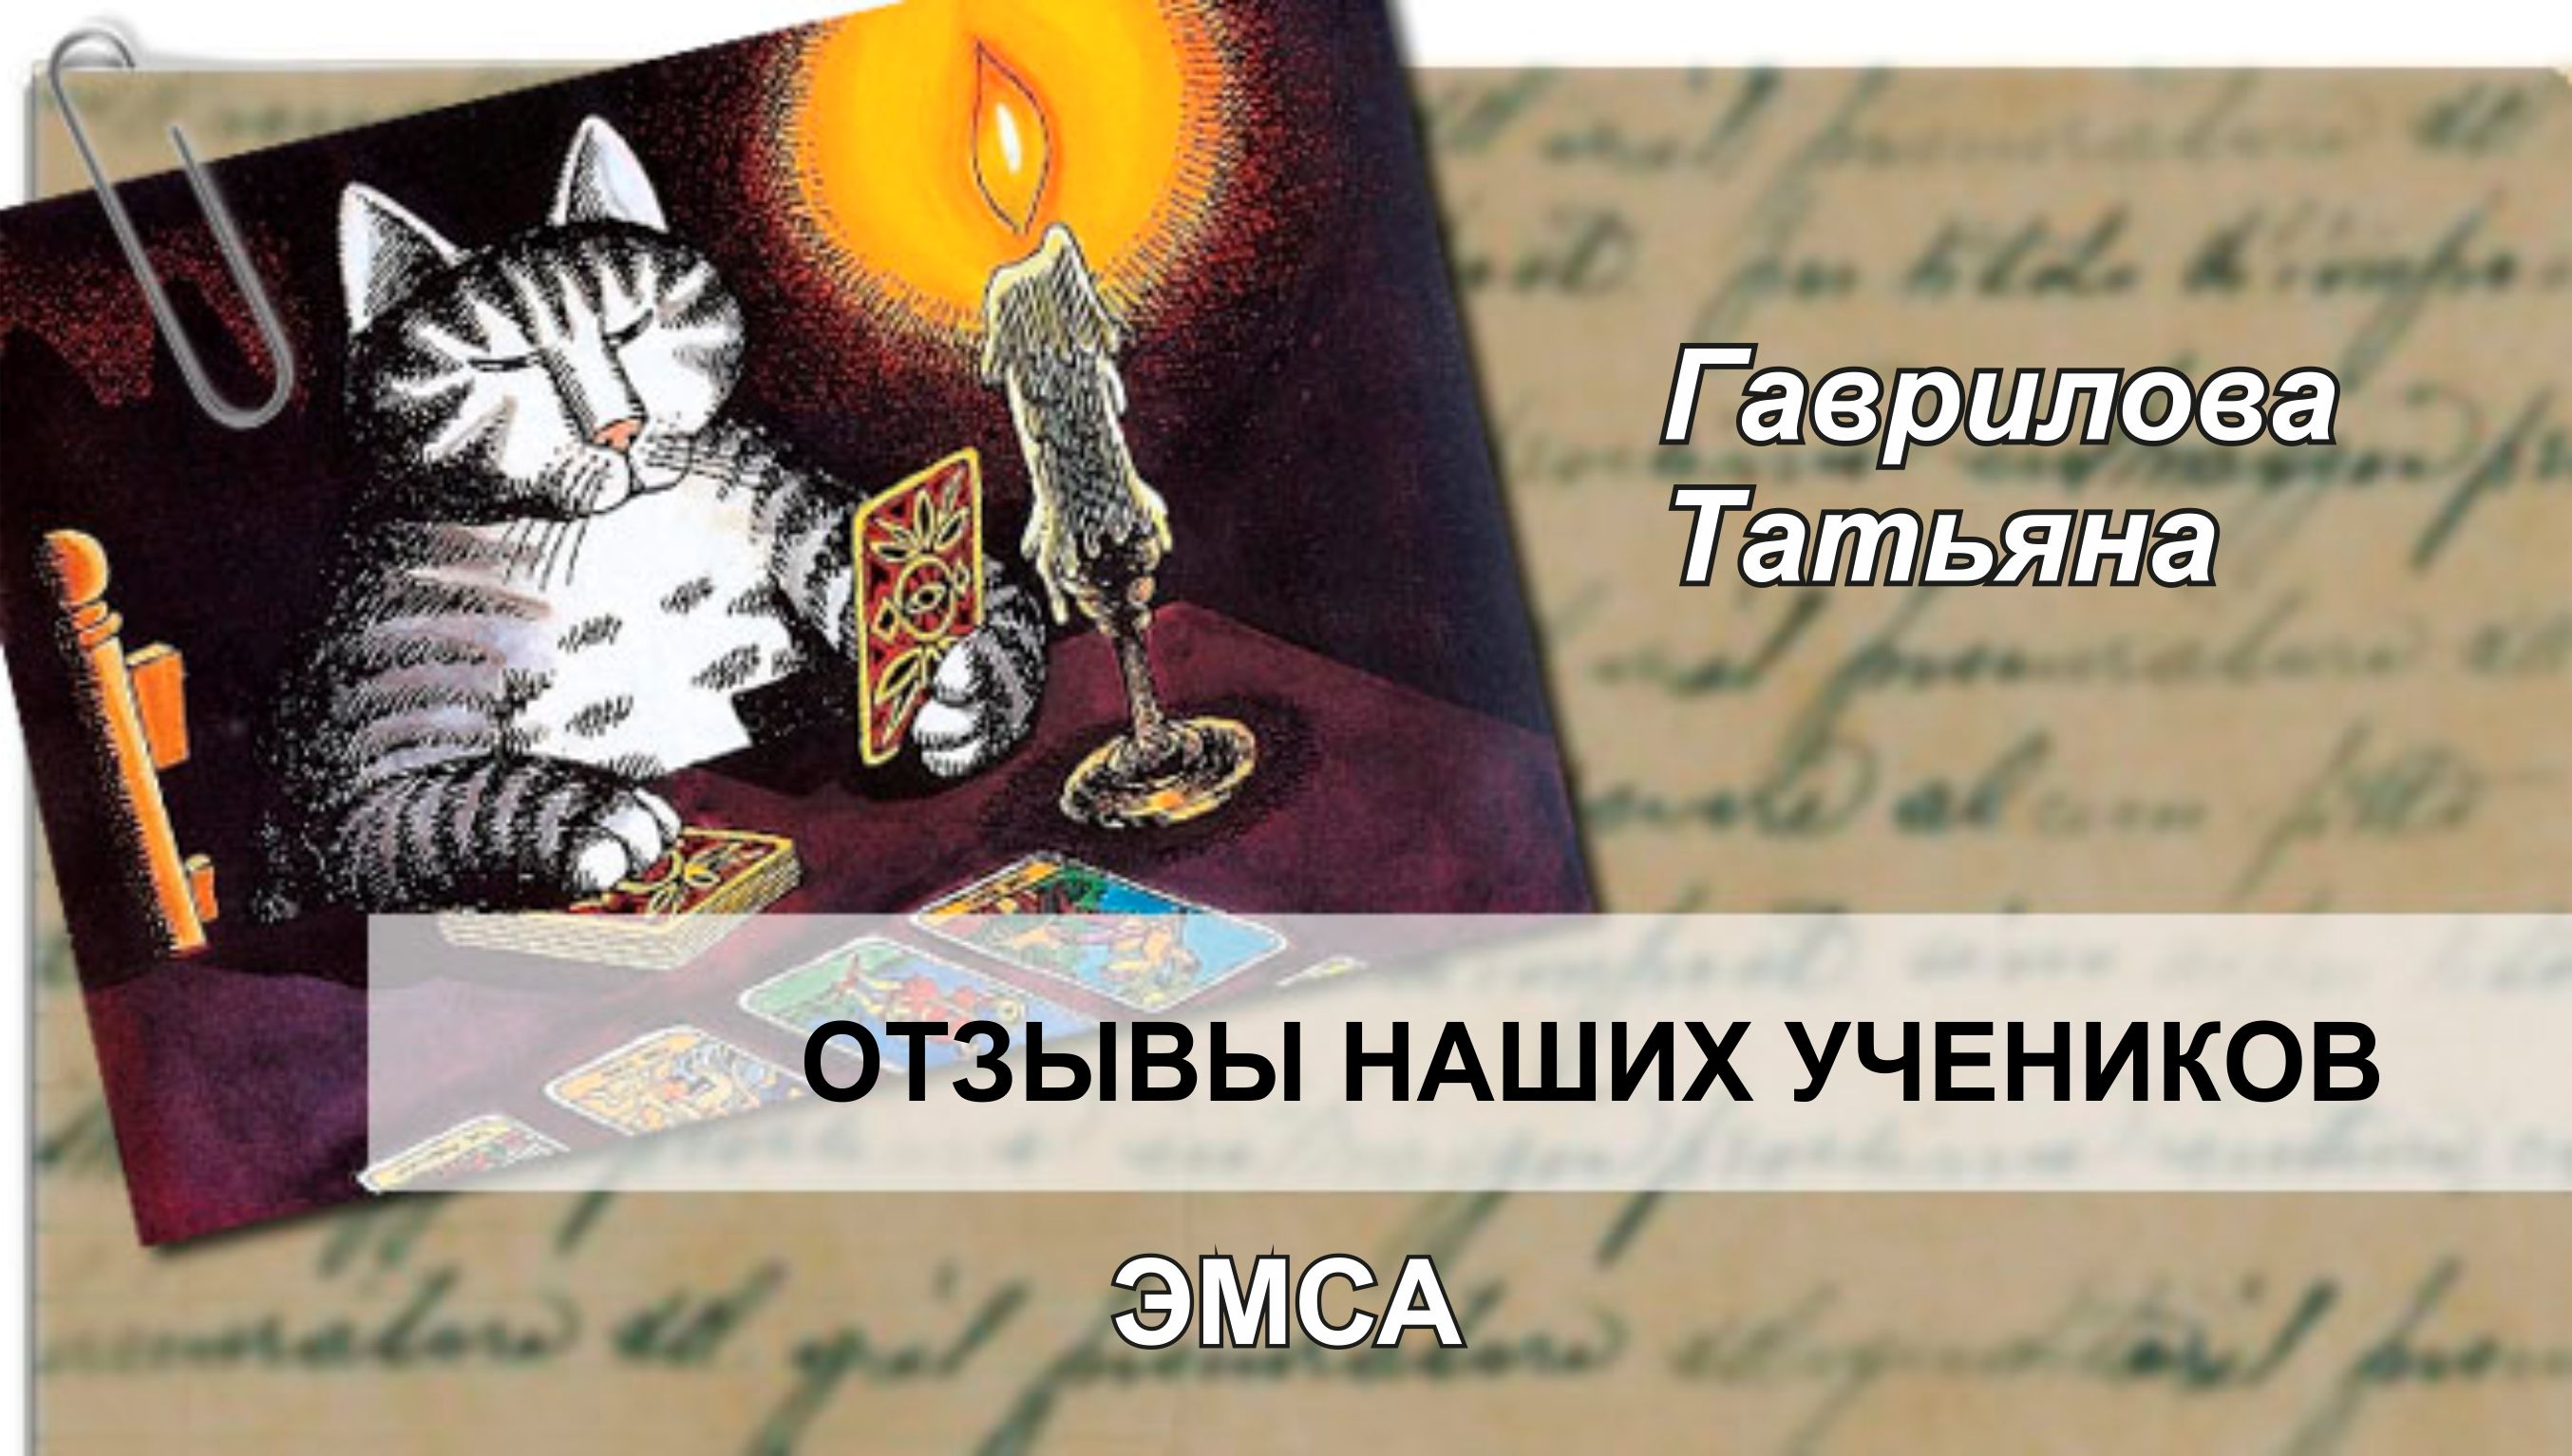 Гаврилова Татьяна отзыв ЭМСА